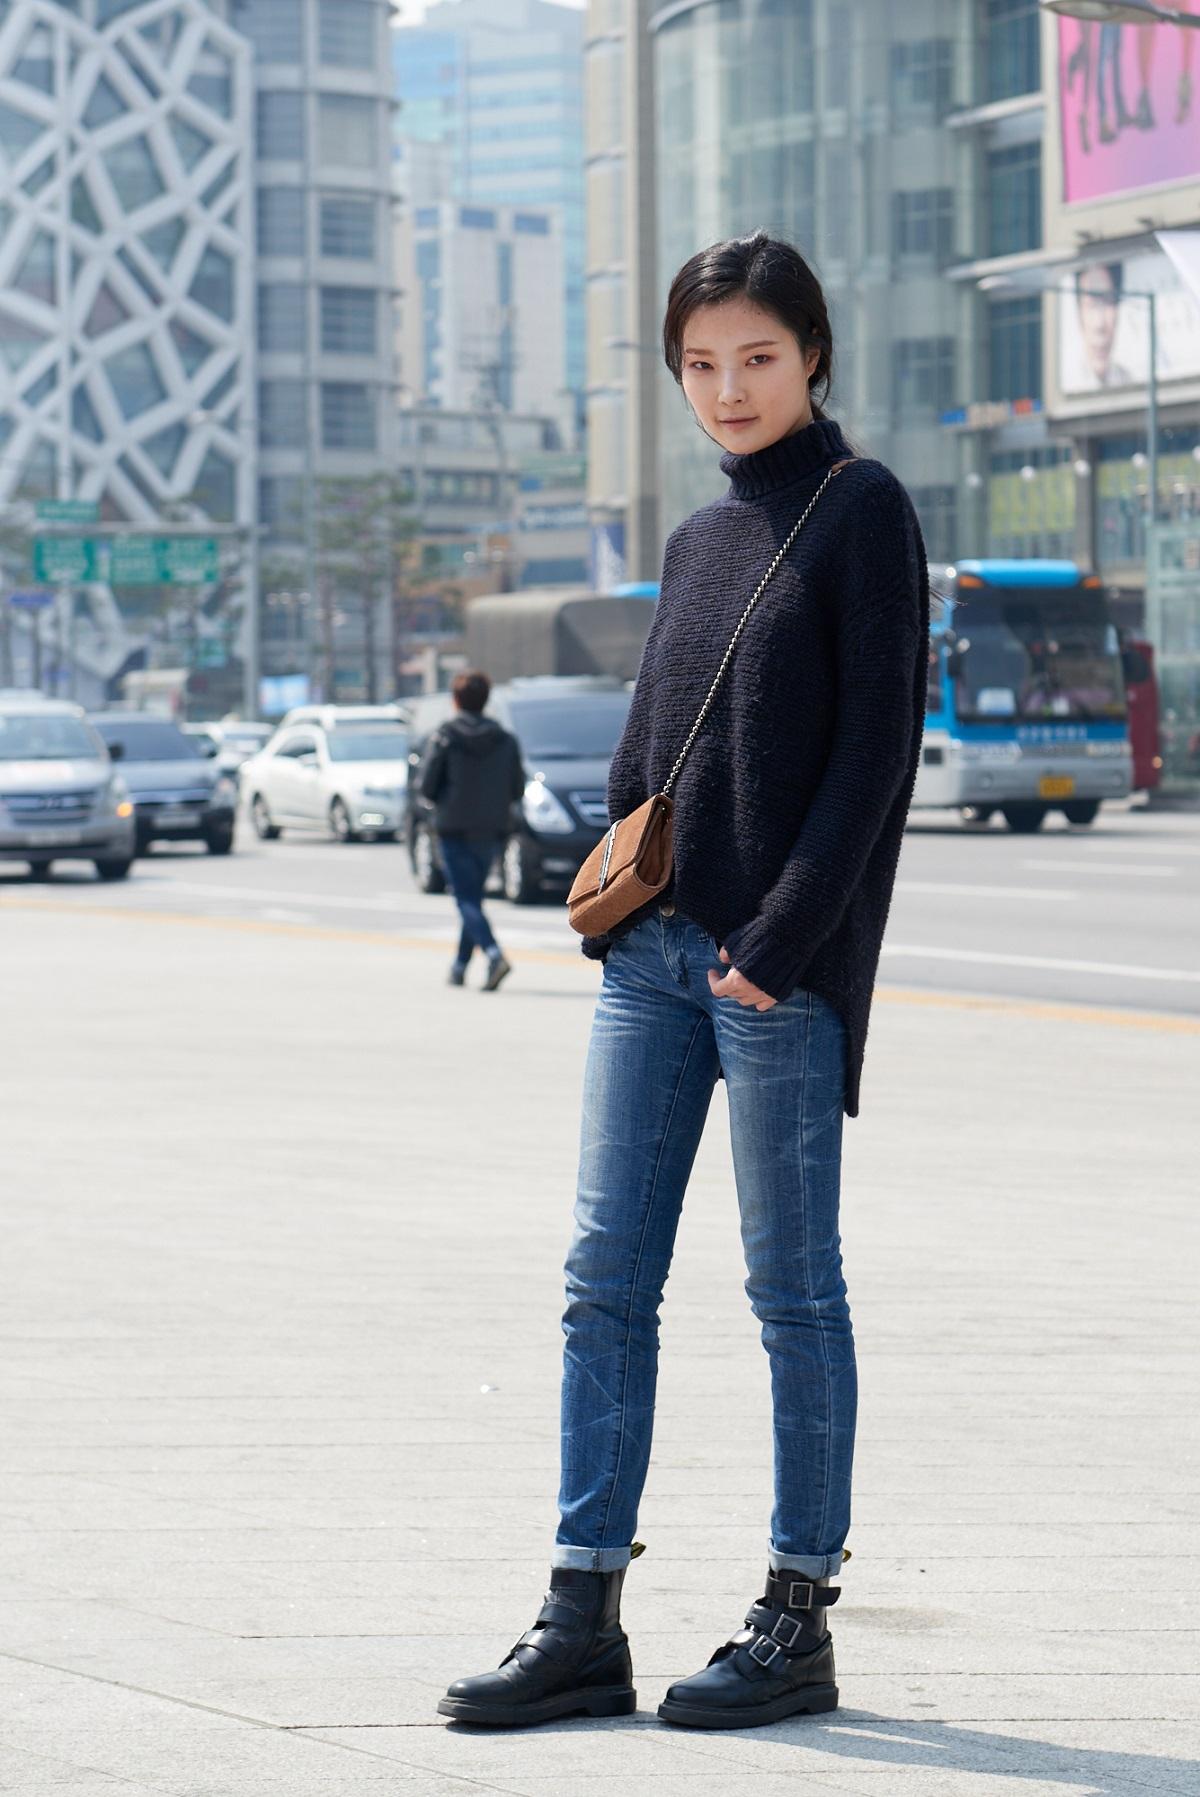 ⓒ 패션서울 | 모델 박은혜